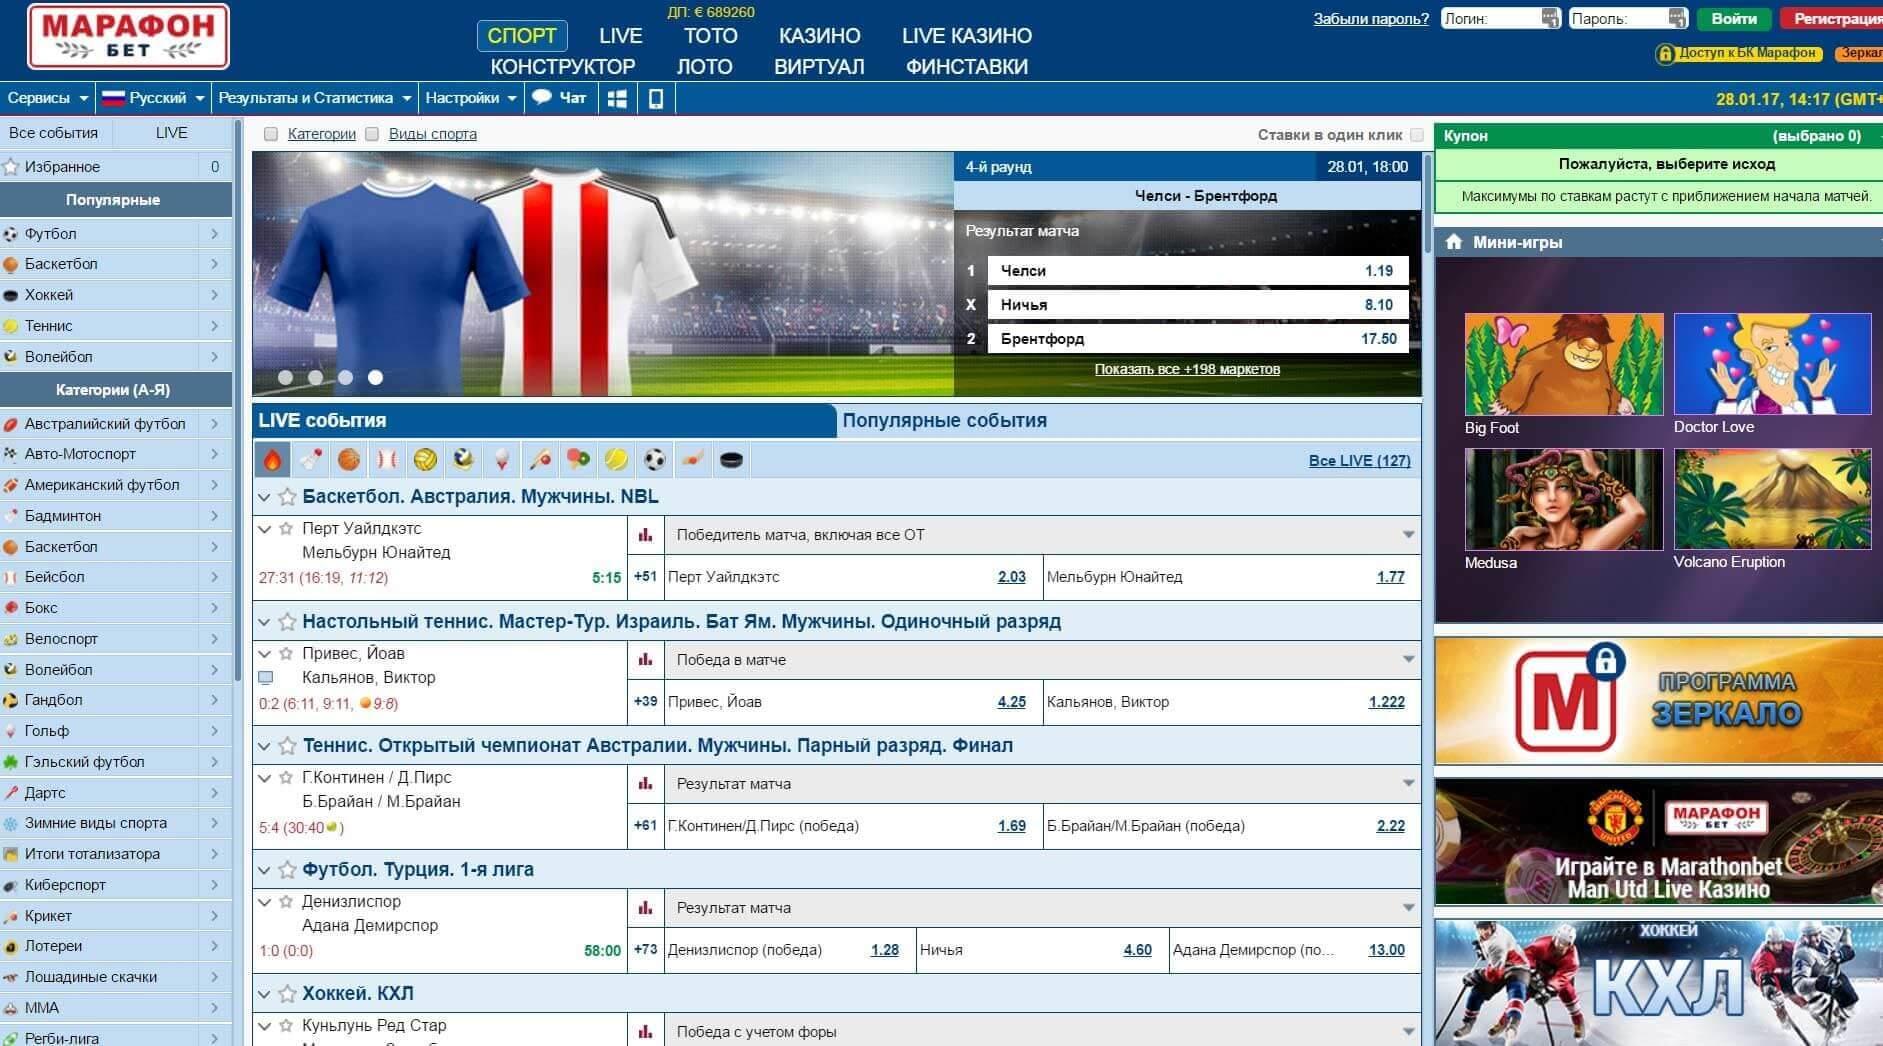 казино марафон онлайн зеркало рабочее